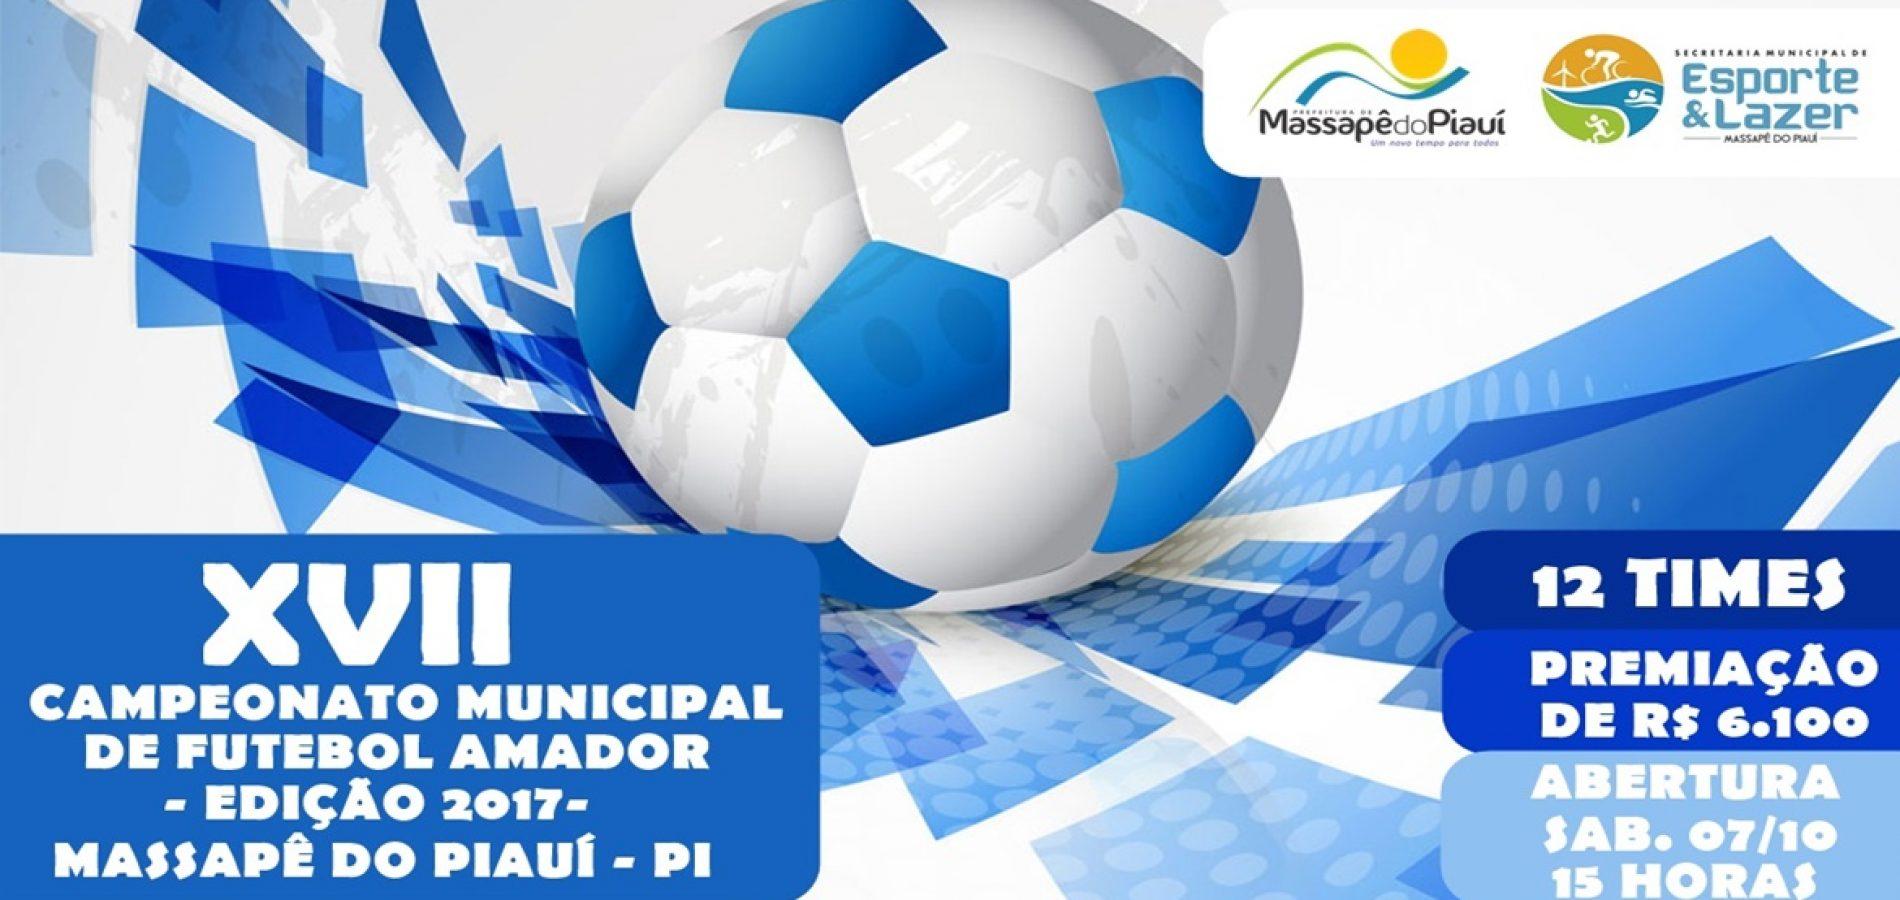 MASSAPÊ | Campeonato Municipal tem início no sábado (7) com 12 times e R$ 6,1 mil em prêmios; veja a tabela